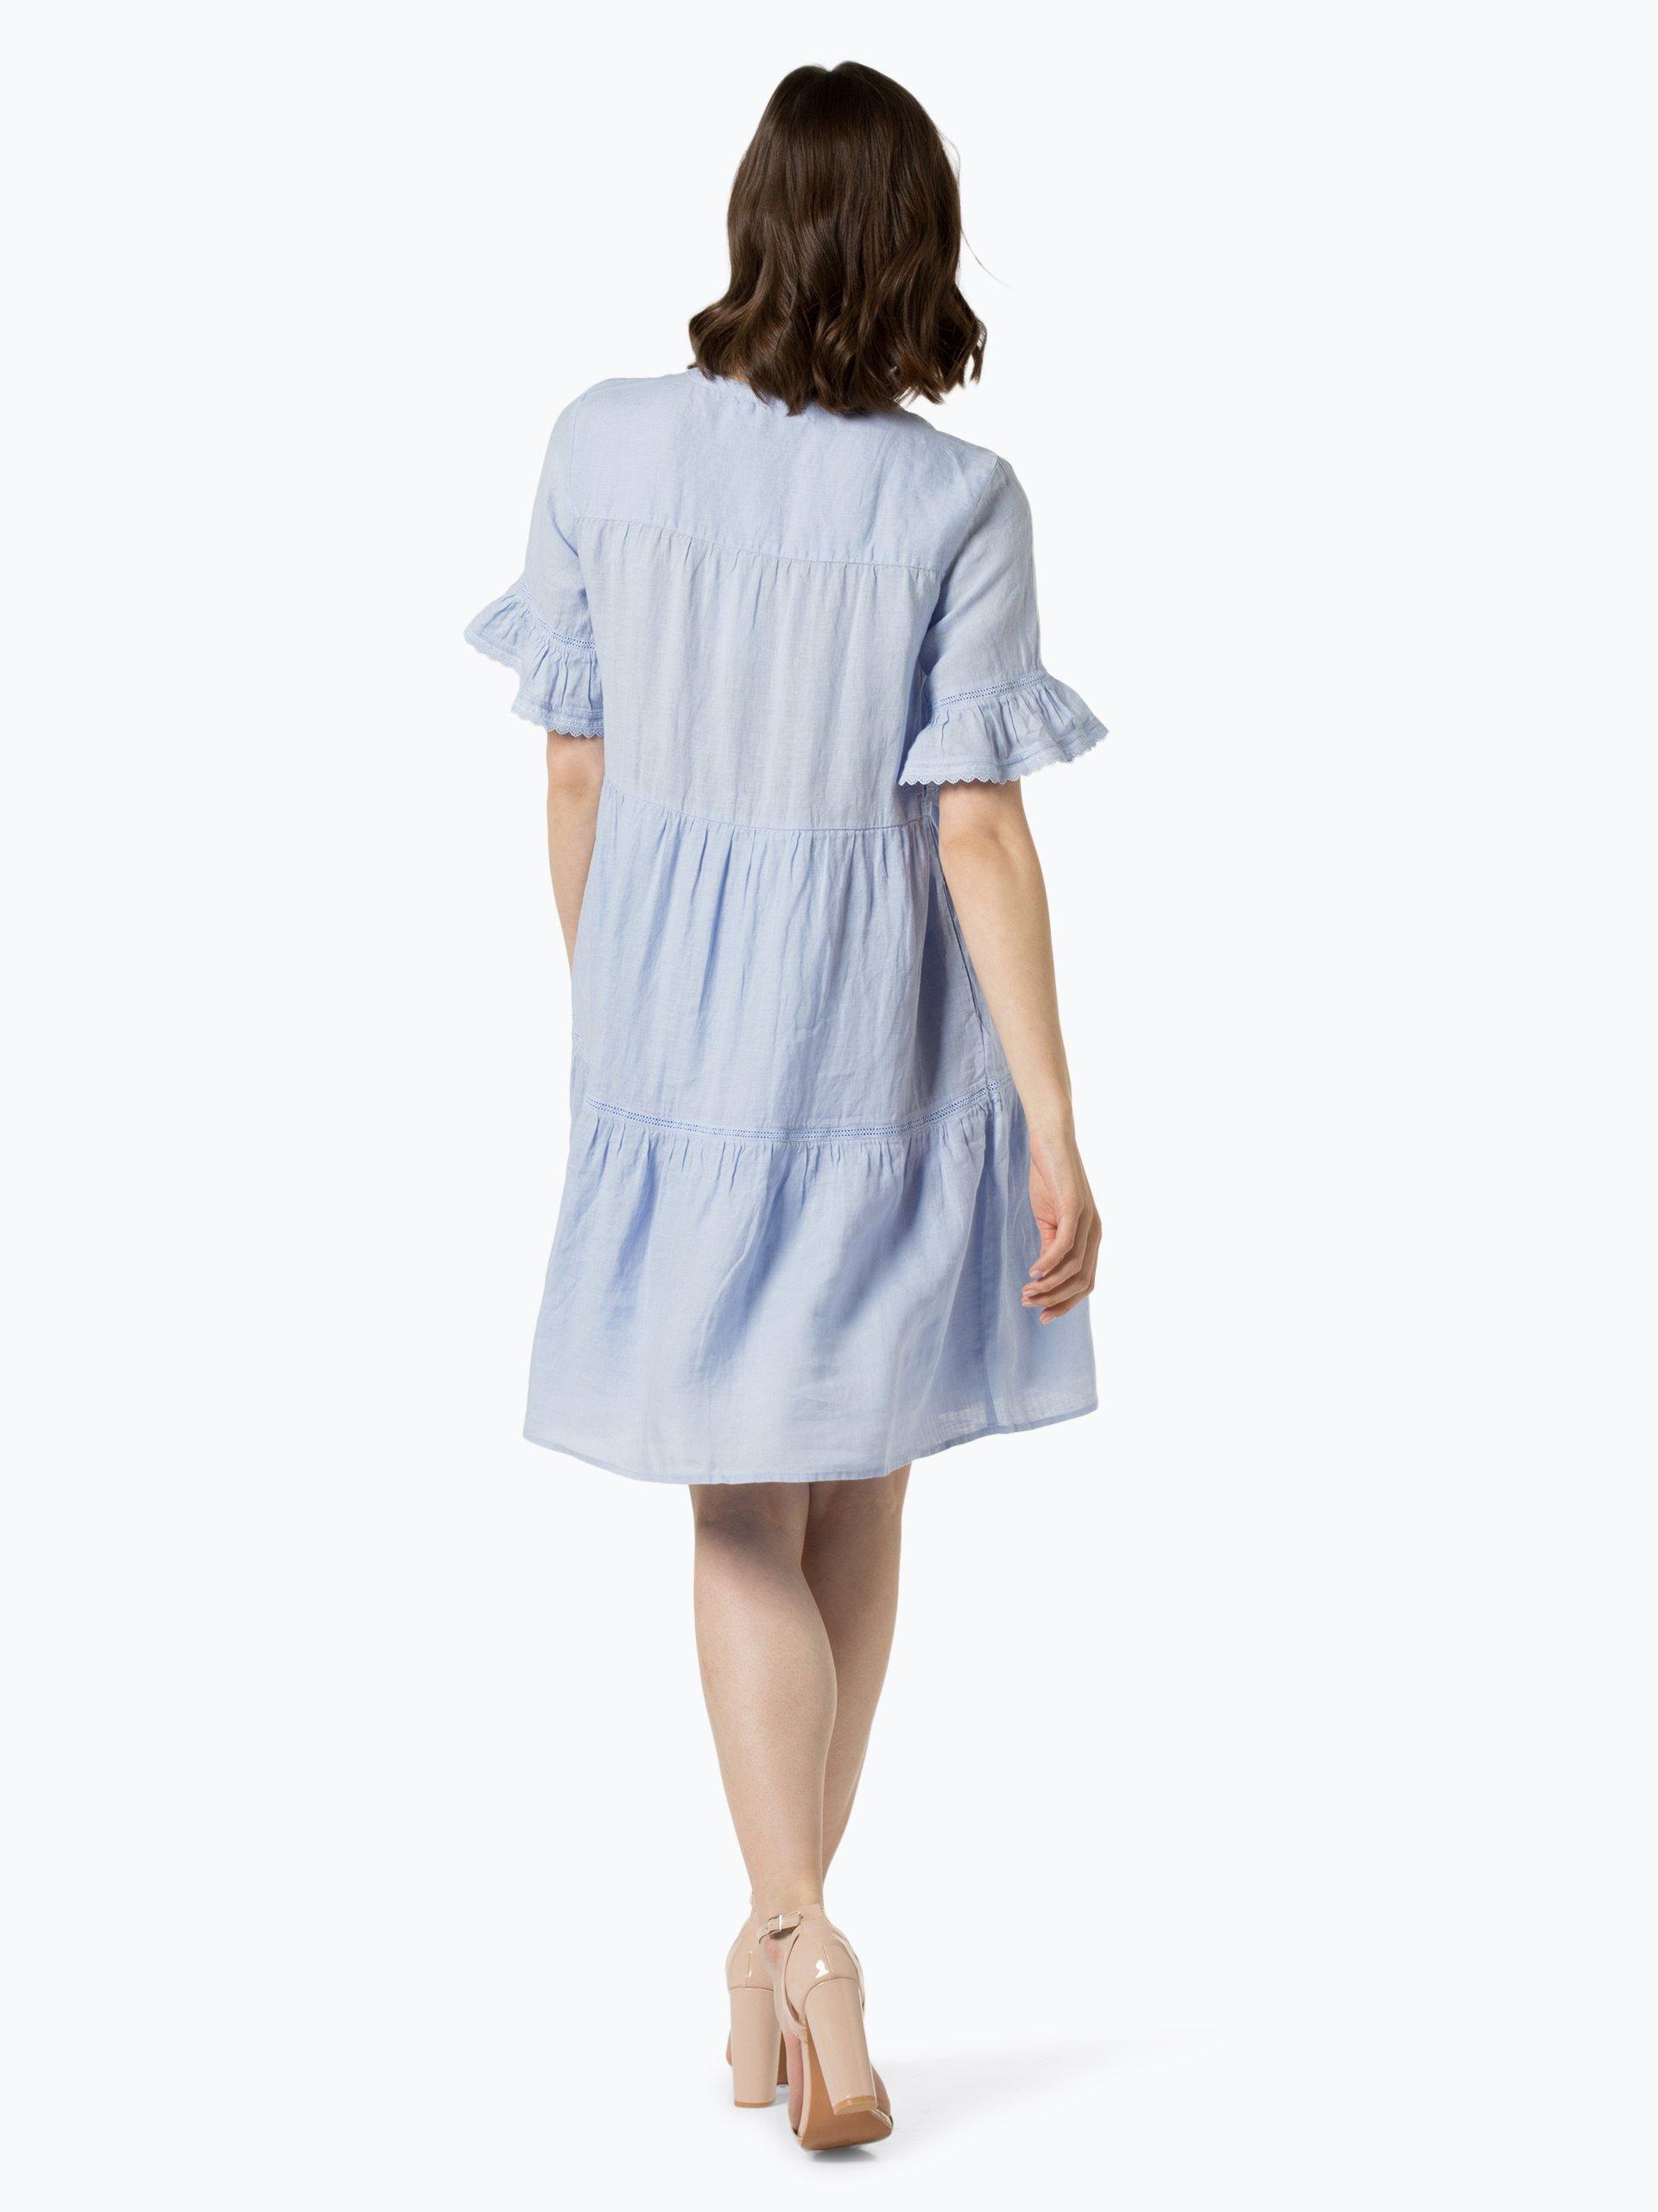 0039 Italy Damen Leinenkleid online kaufen | VANGRAAF.COM